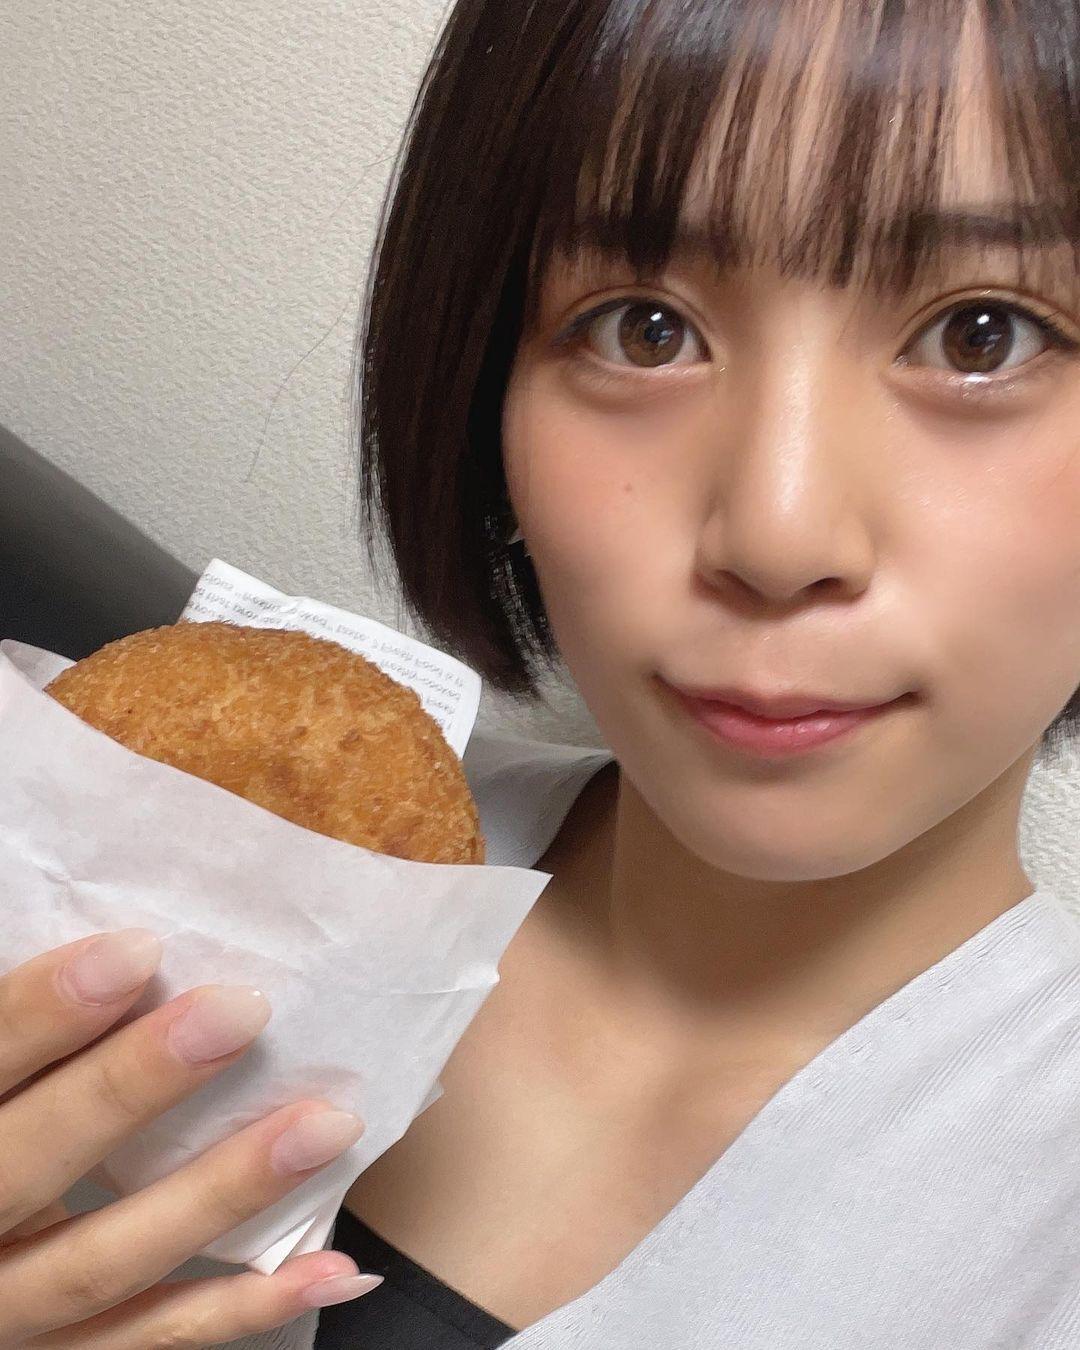 选美比赛冠军 短发高中妹山冈雅弥16岁青春 深邃卧蚕双眼彷佛随时在放电 网络美女 第10张